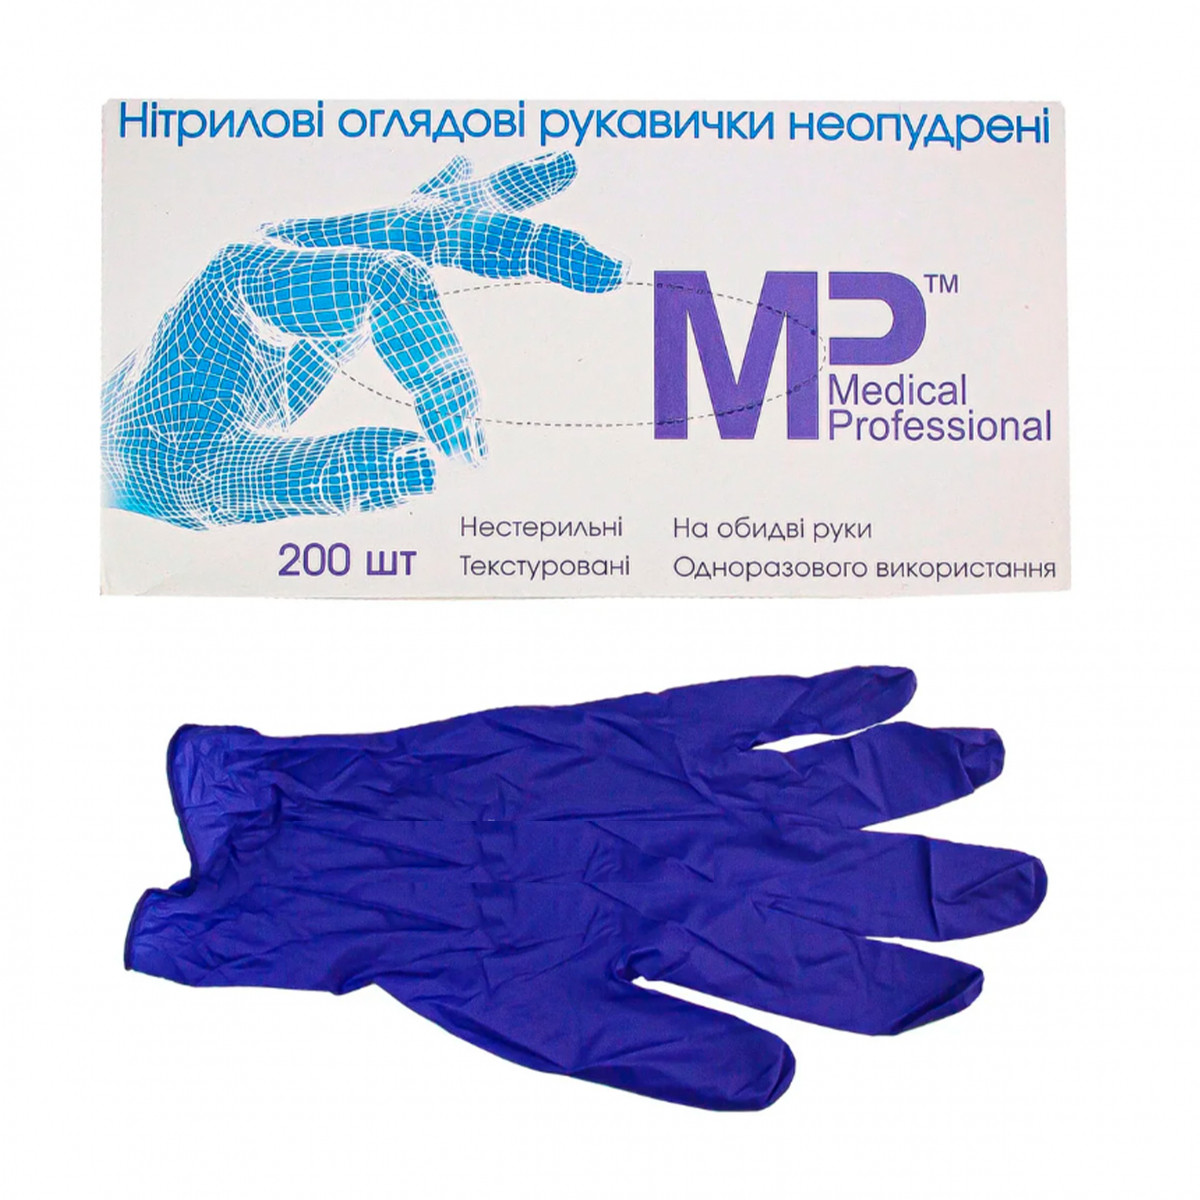 Перчатки Medical Professional нитриловые смотровые нестерильные неприпудренные р.M